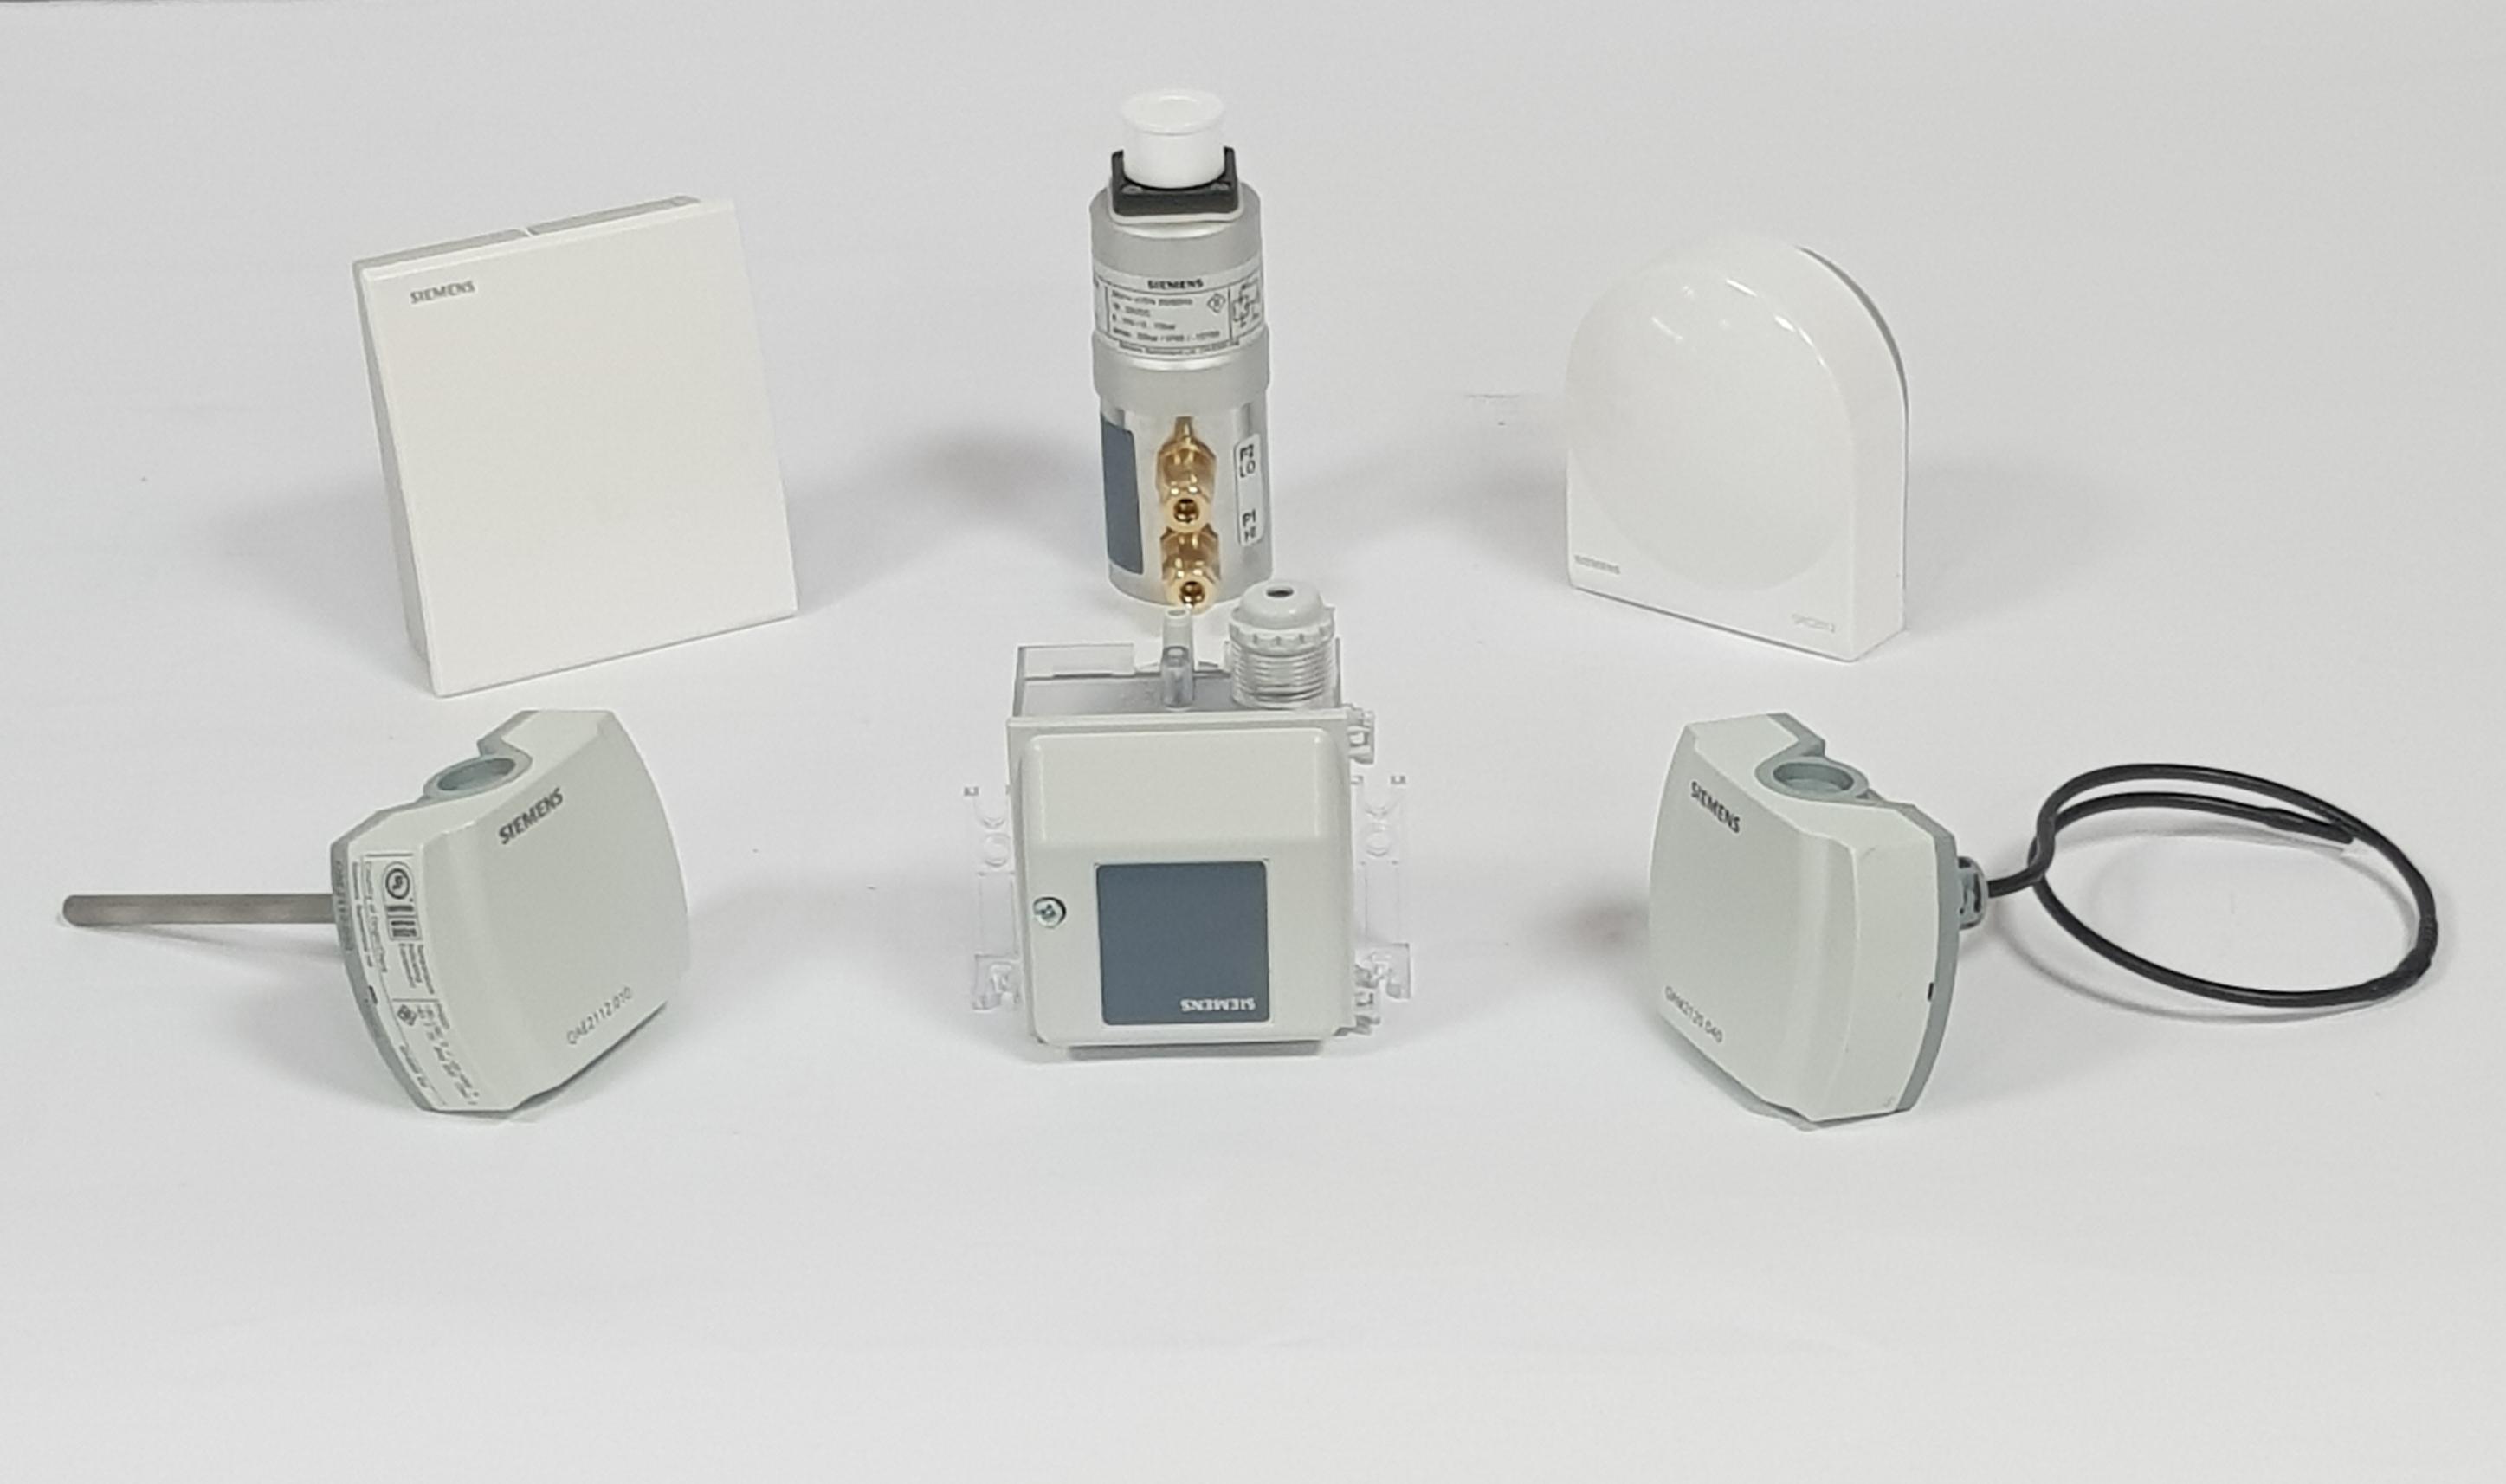 Duct temperature sensor, LG-Ni1000